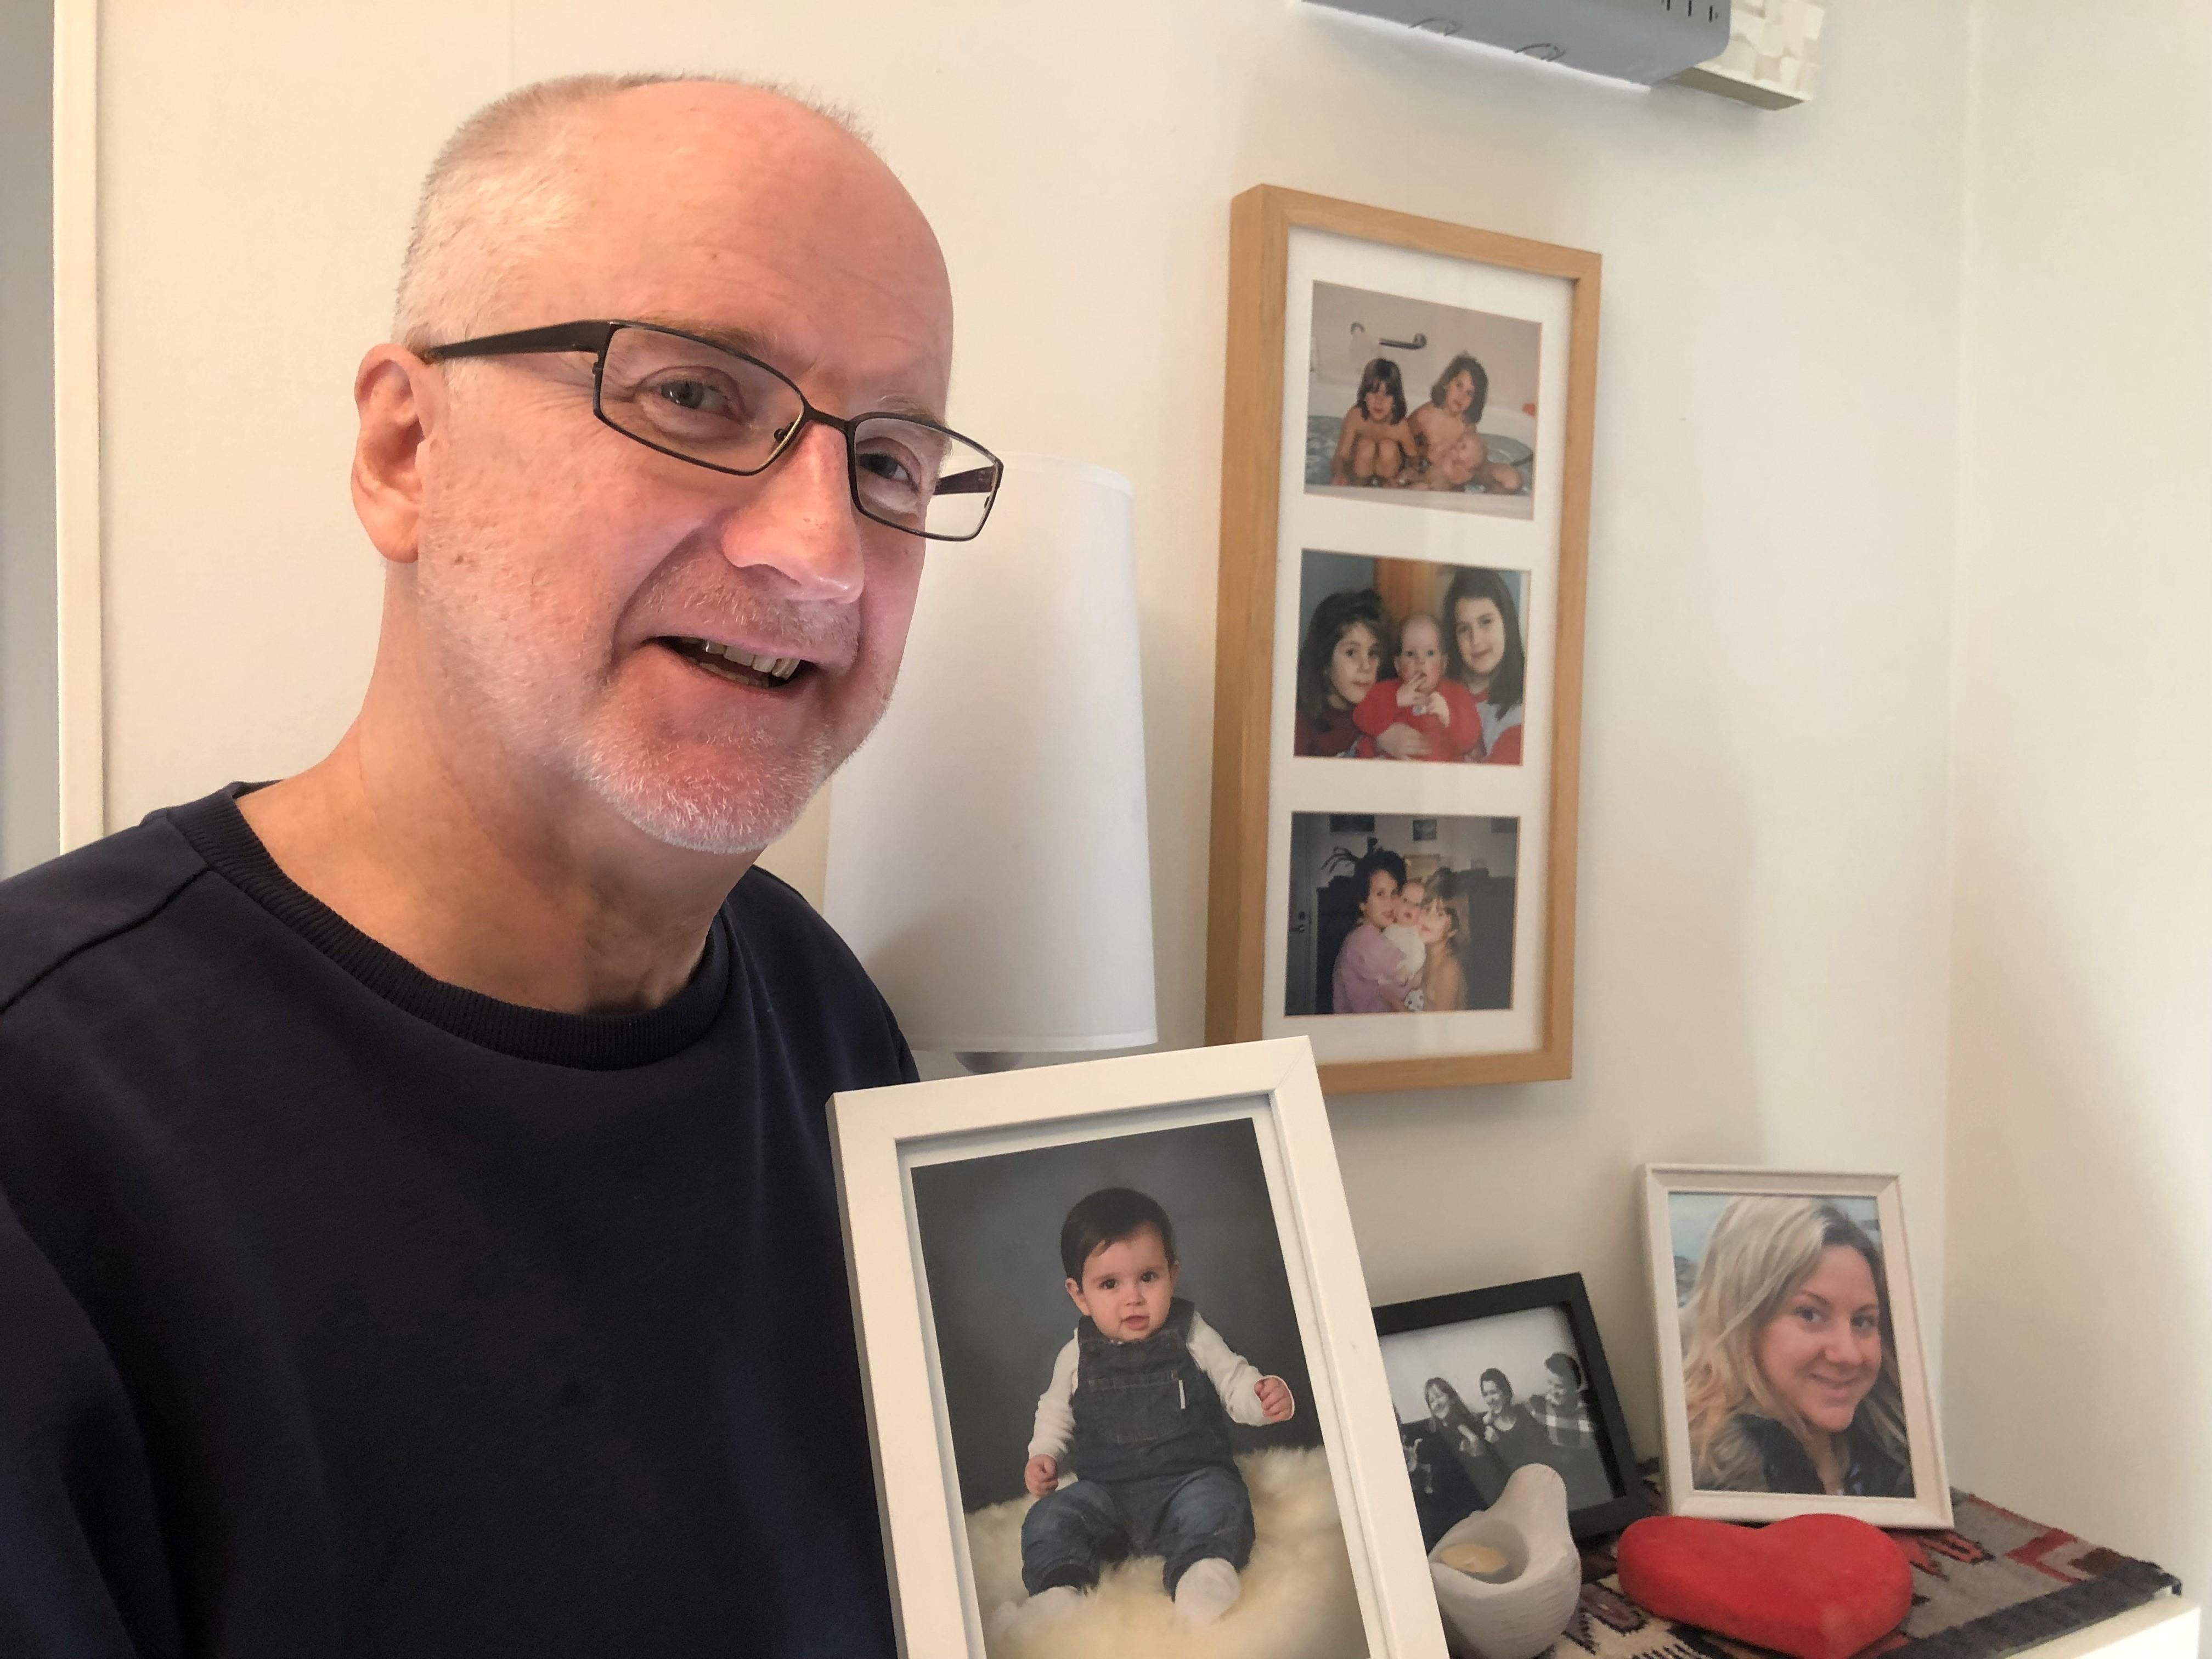 Kjell-Åke har grått snaggat hår och glasögon. Han håller i ett porträtt på sitt barnbarn och ler stolt.. På väggen bakom hänger flera porträtt på hans familjemedlemmar.